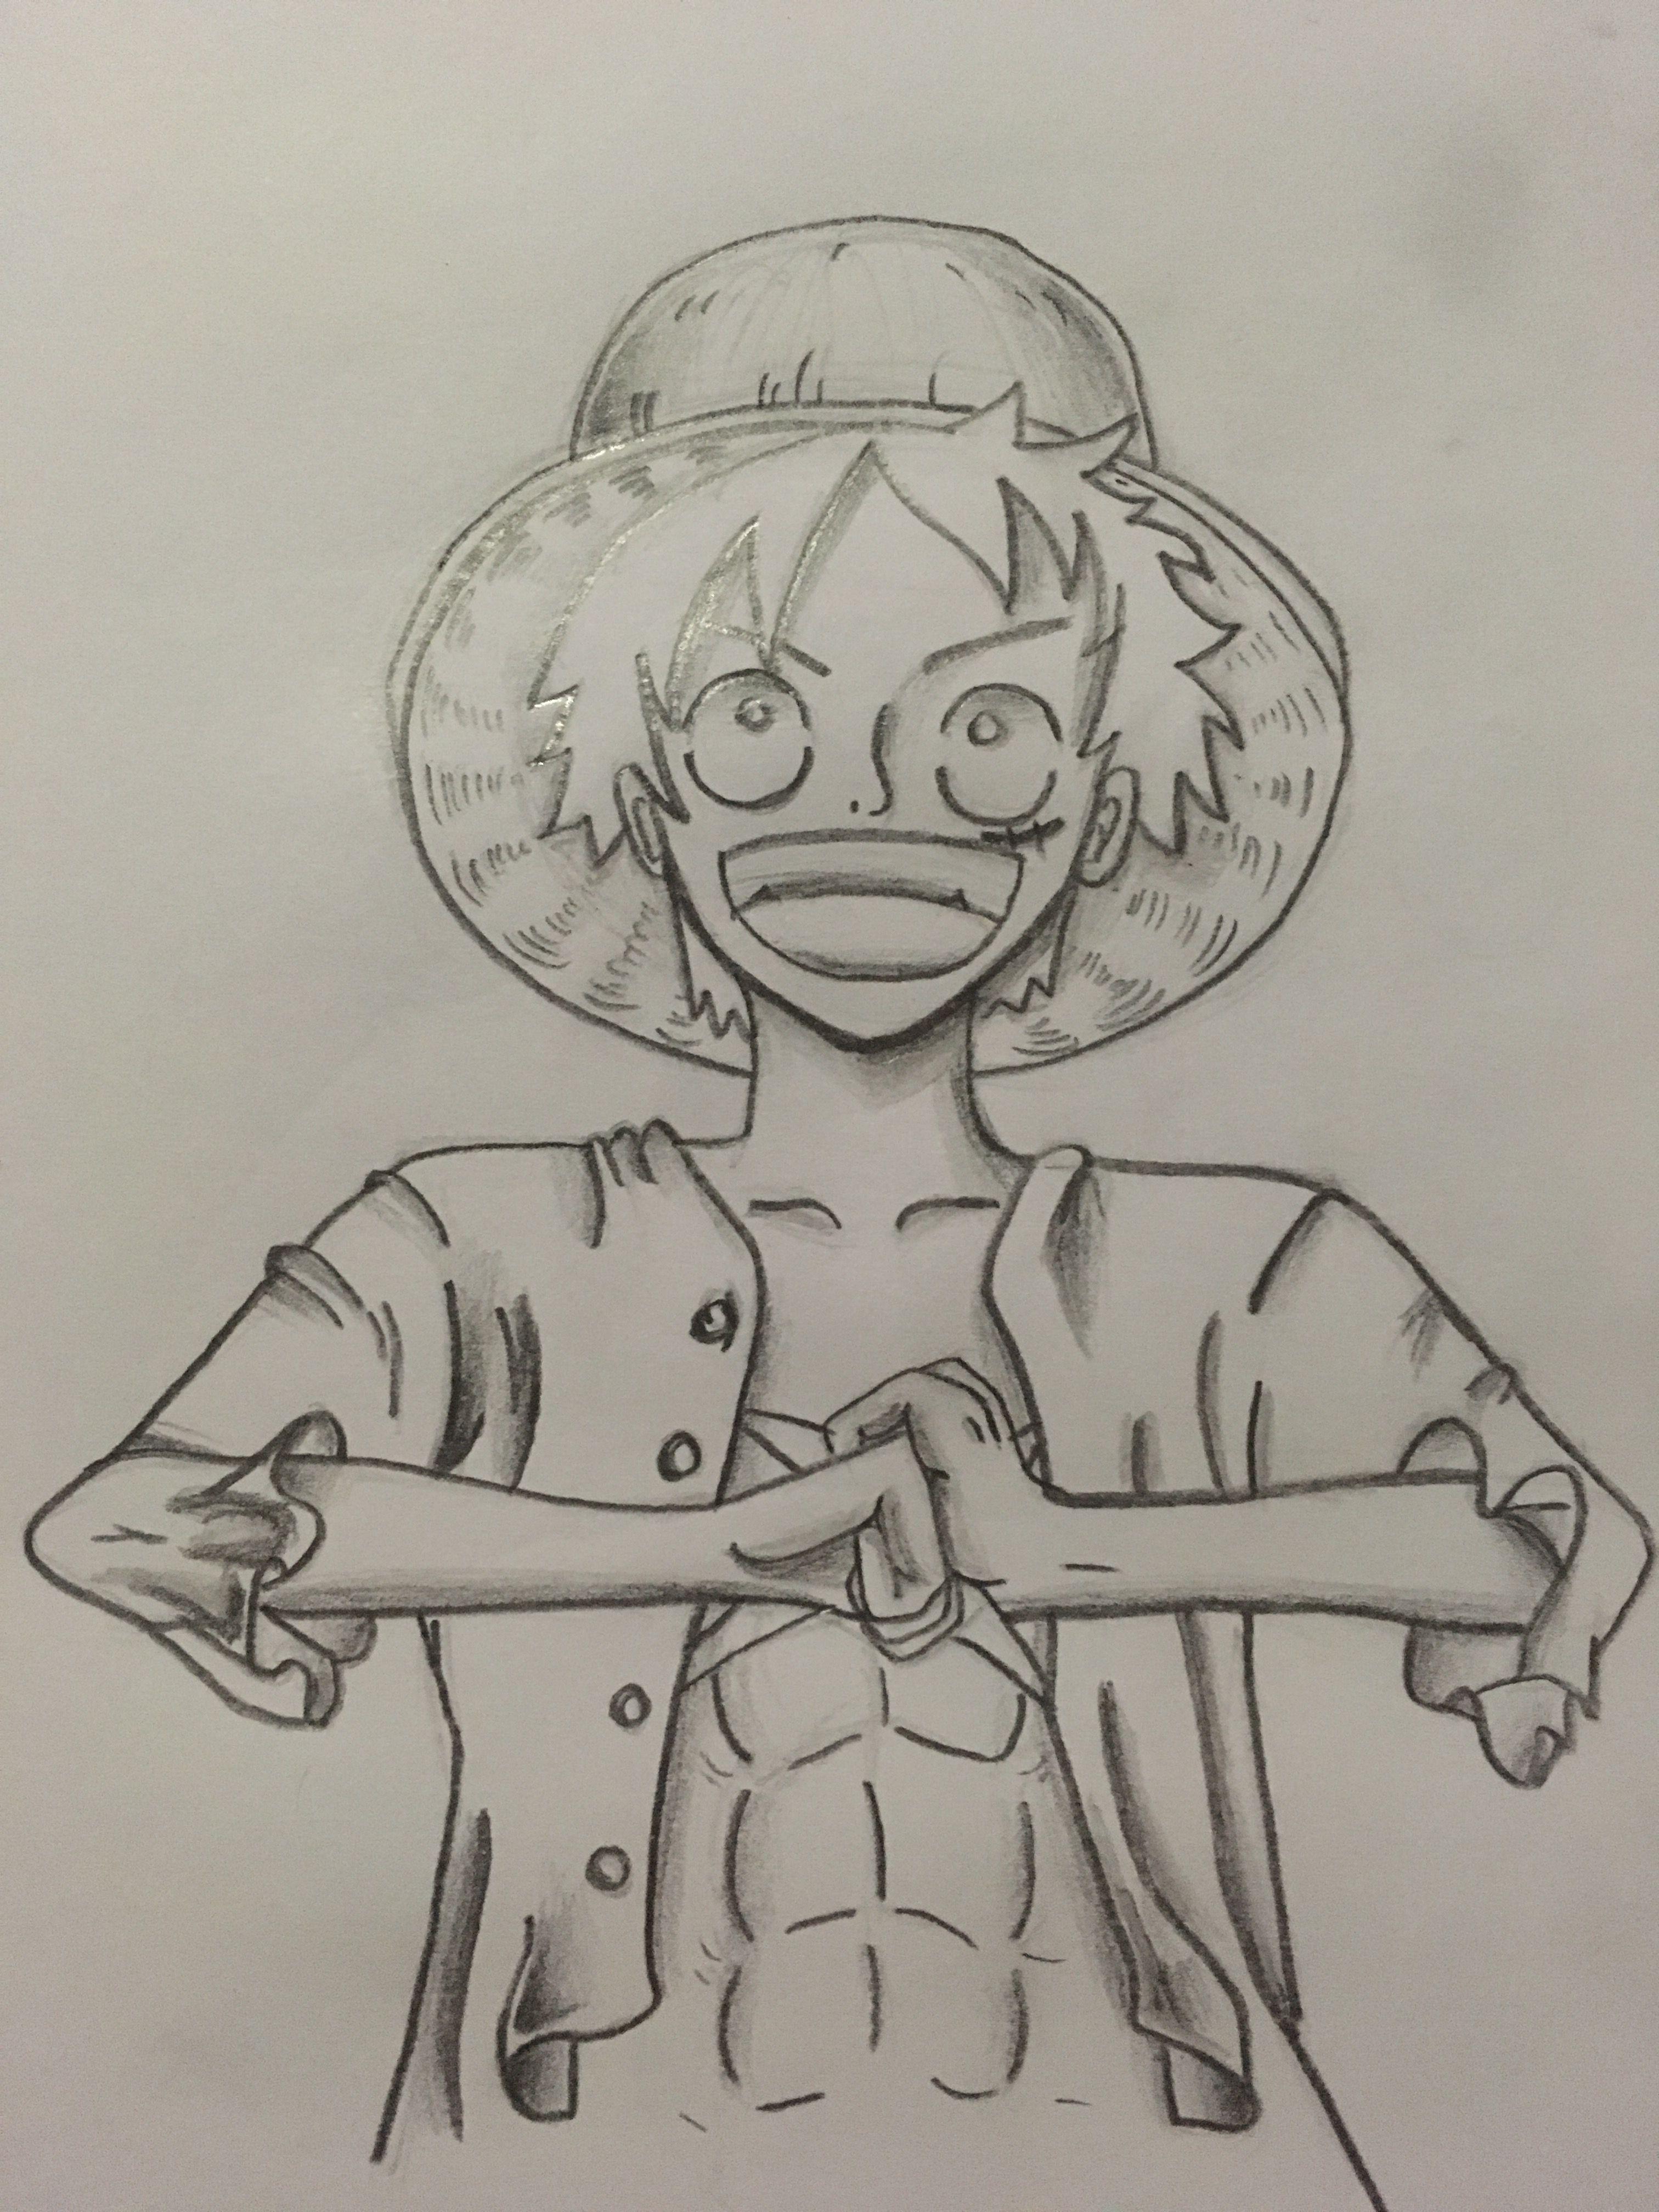 Pin De Nln Em Dibujos Desenhos De Anime Ideias Para